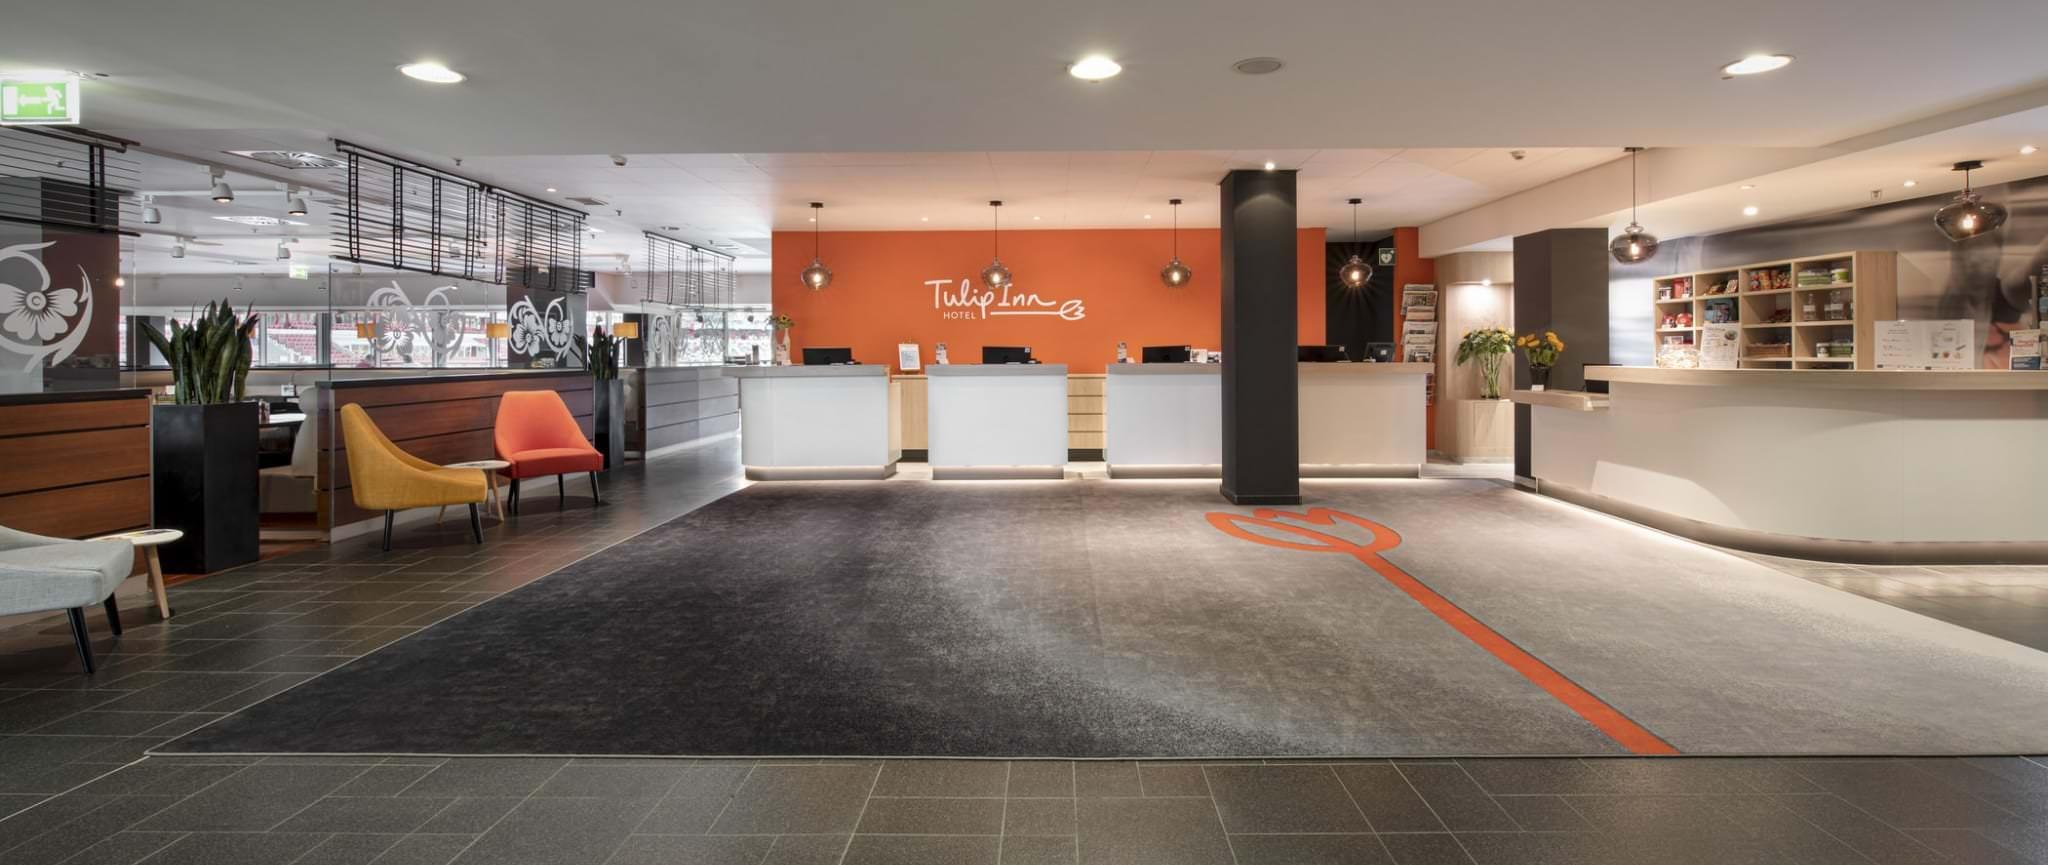 Tulip Inn Düsseldof Arena